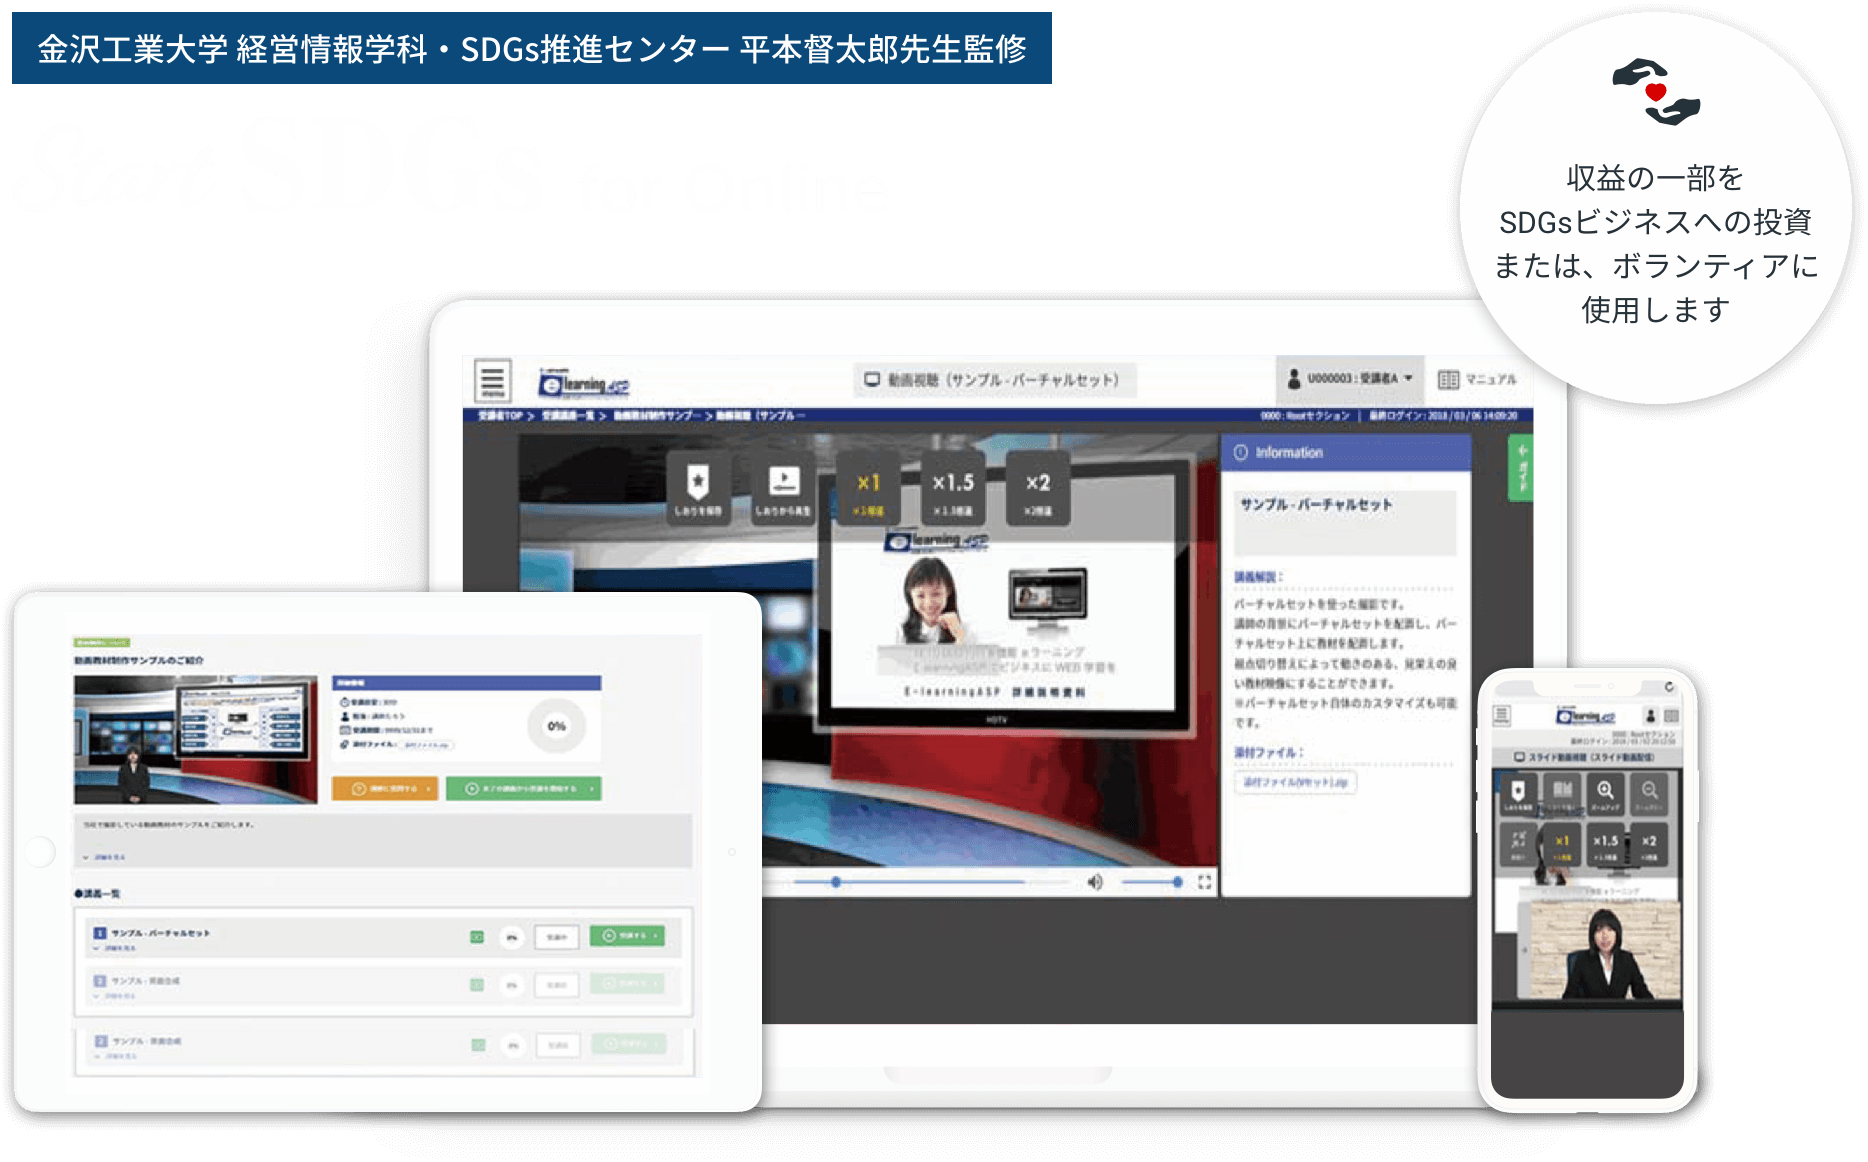 Start SDGs for Online